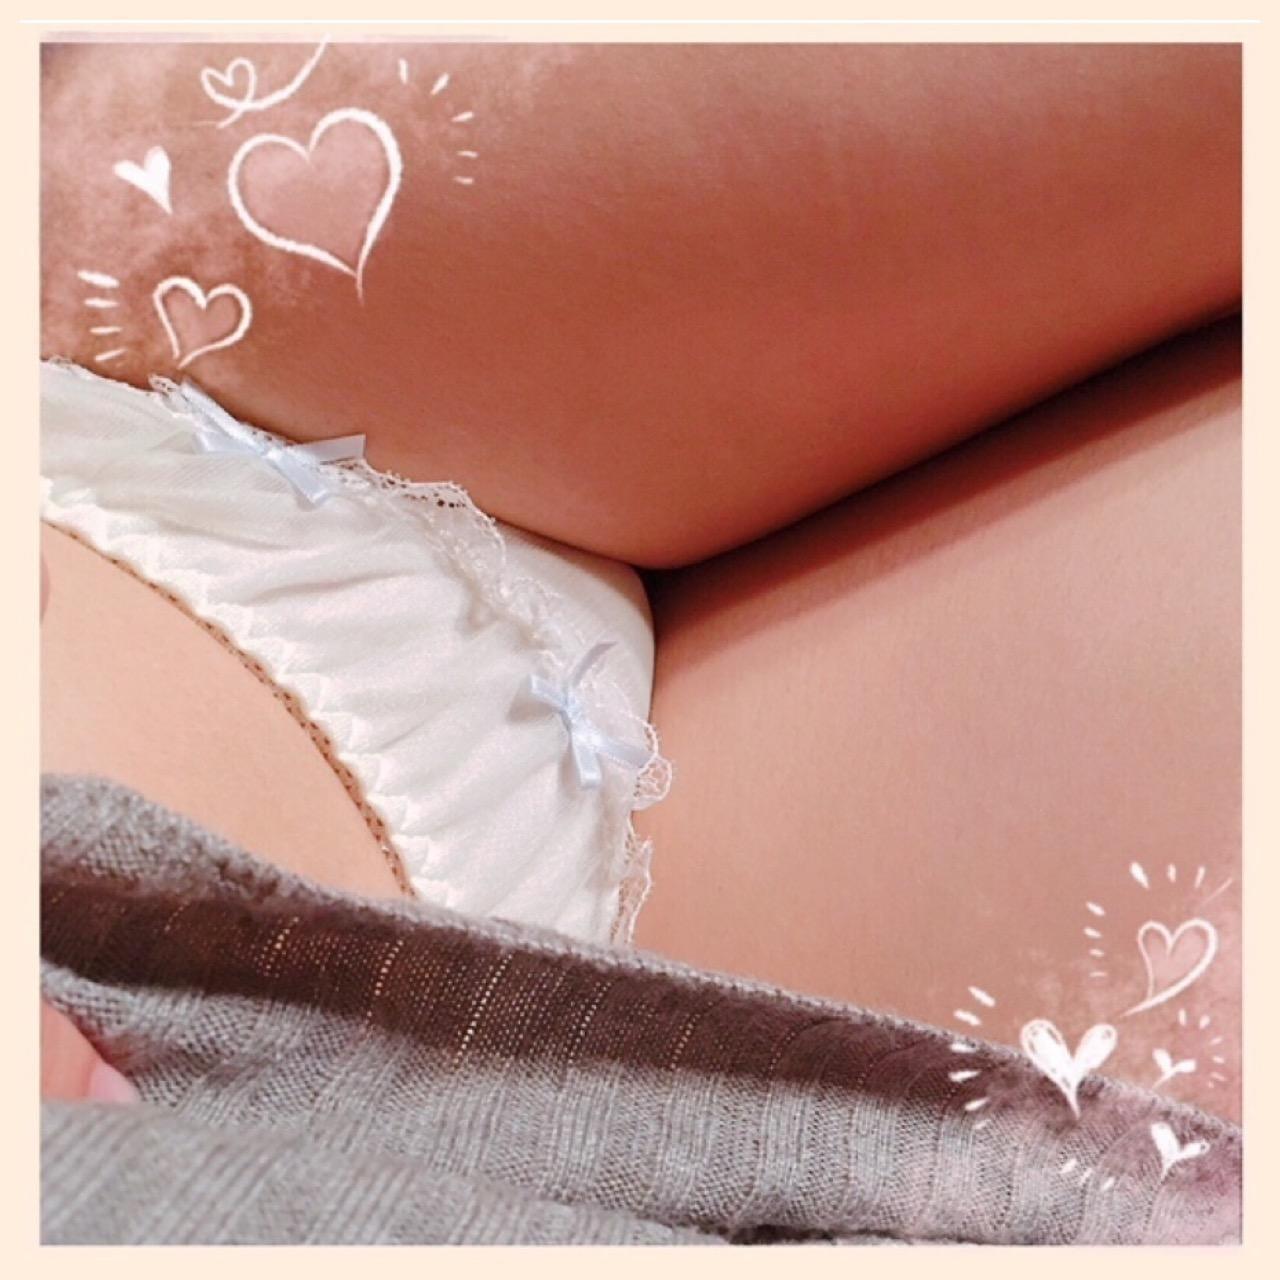 「西成区のお兄さん♪」07/07(07/07) 13:11   留実/るみの写メ・風俗動画